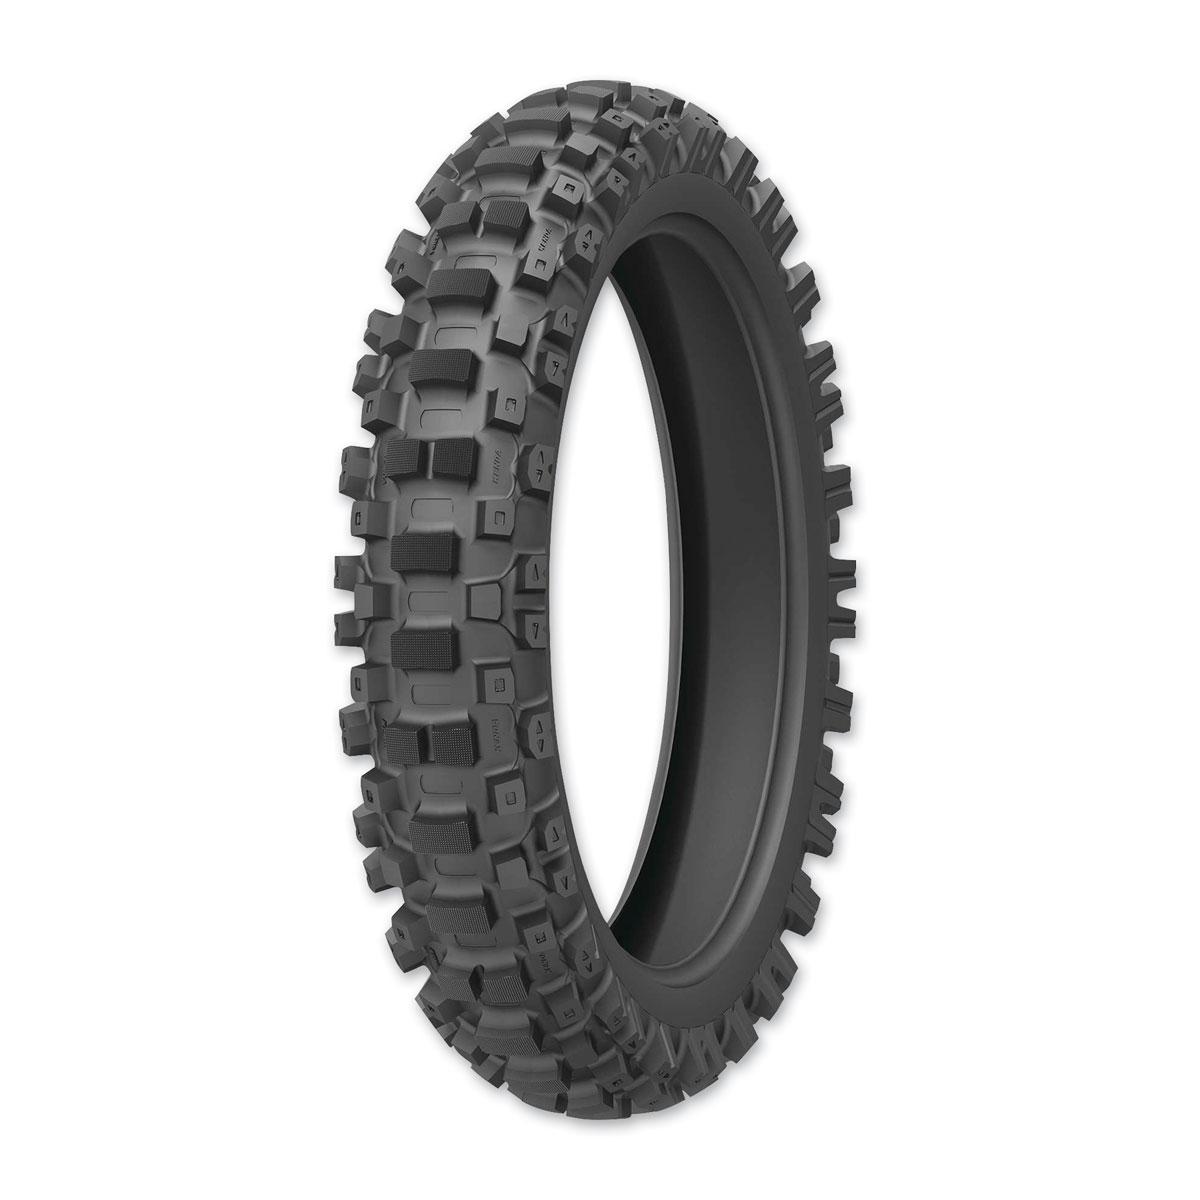 Kenda Tires Washougal II 90/100-14 Rear Tire